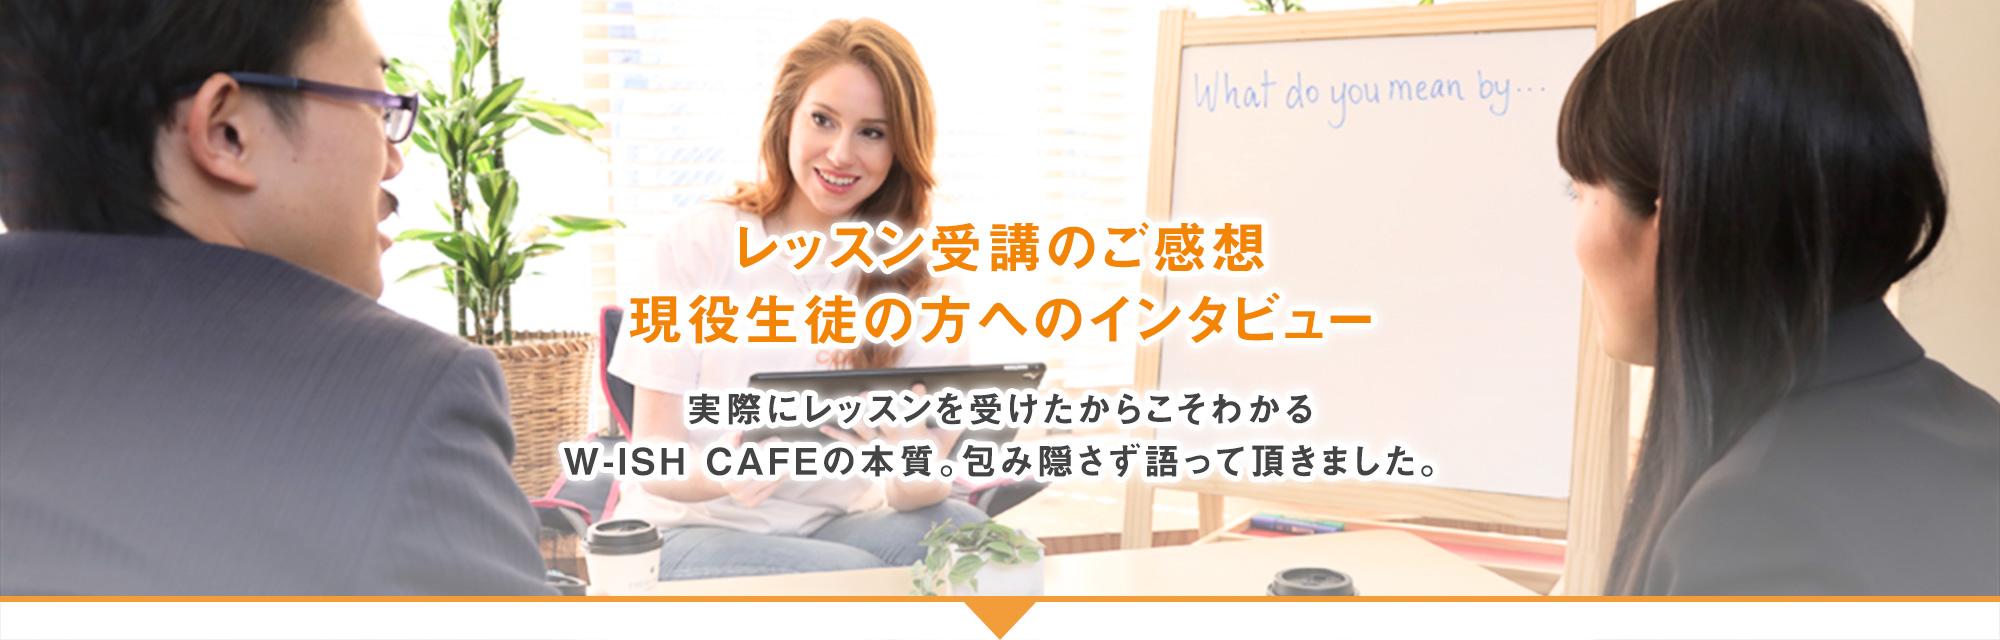 W-ISH CAFE